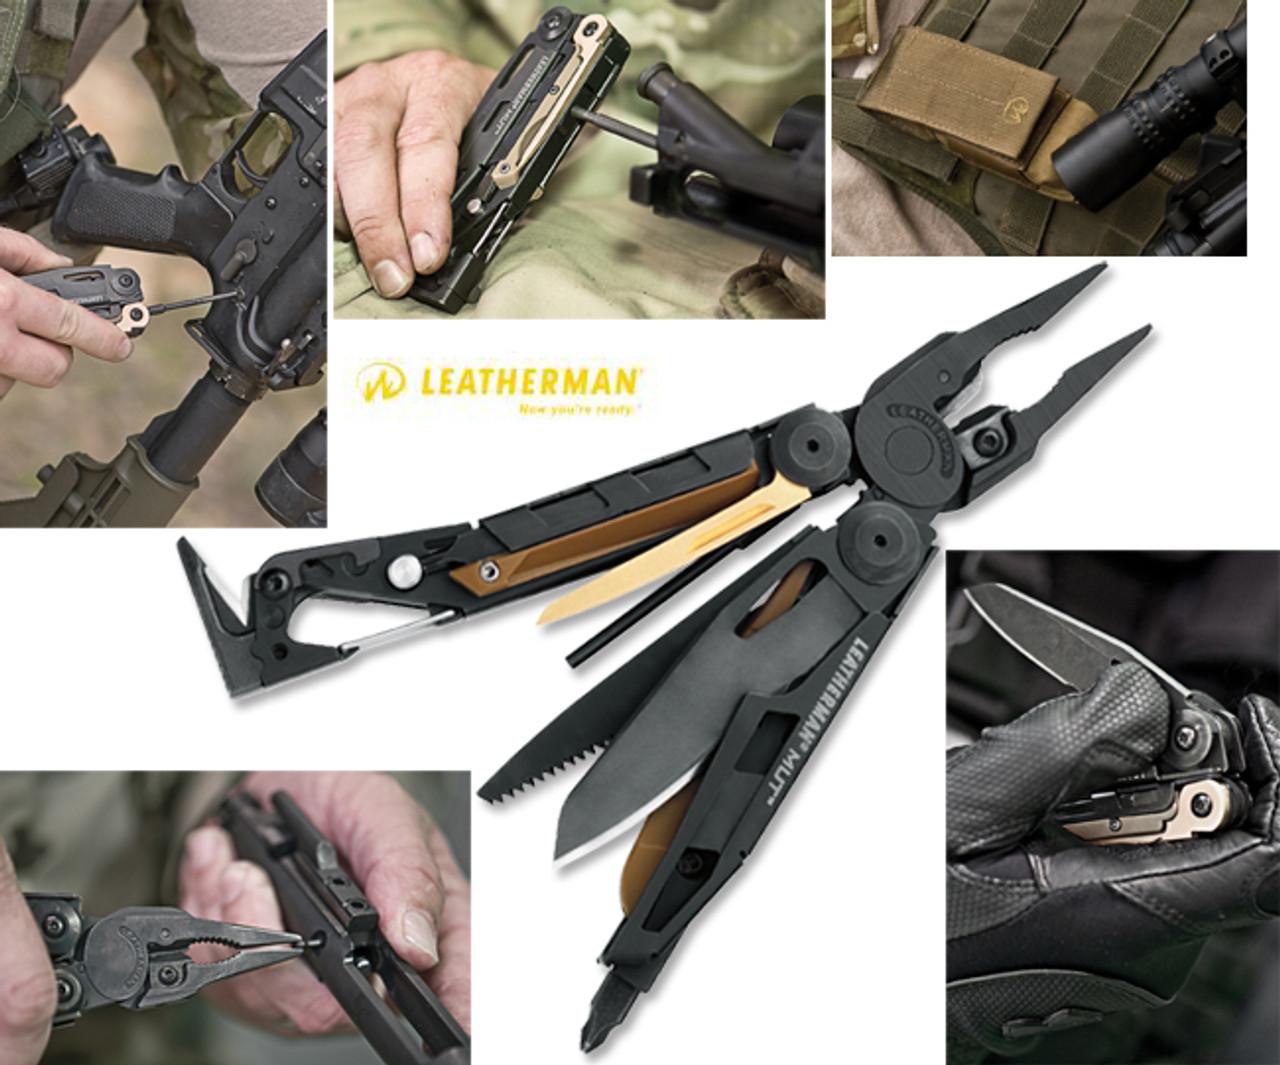 Leatherman 850022 Mut Military Utility Tool Multi Tool